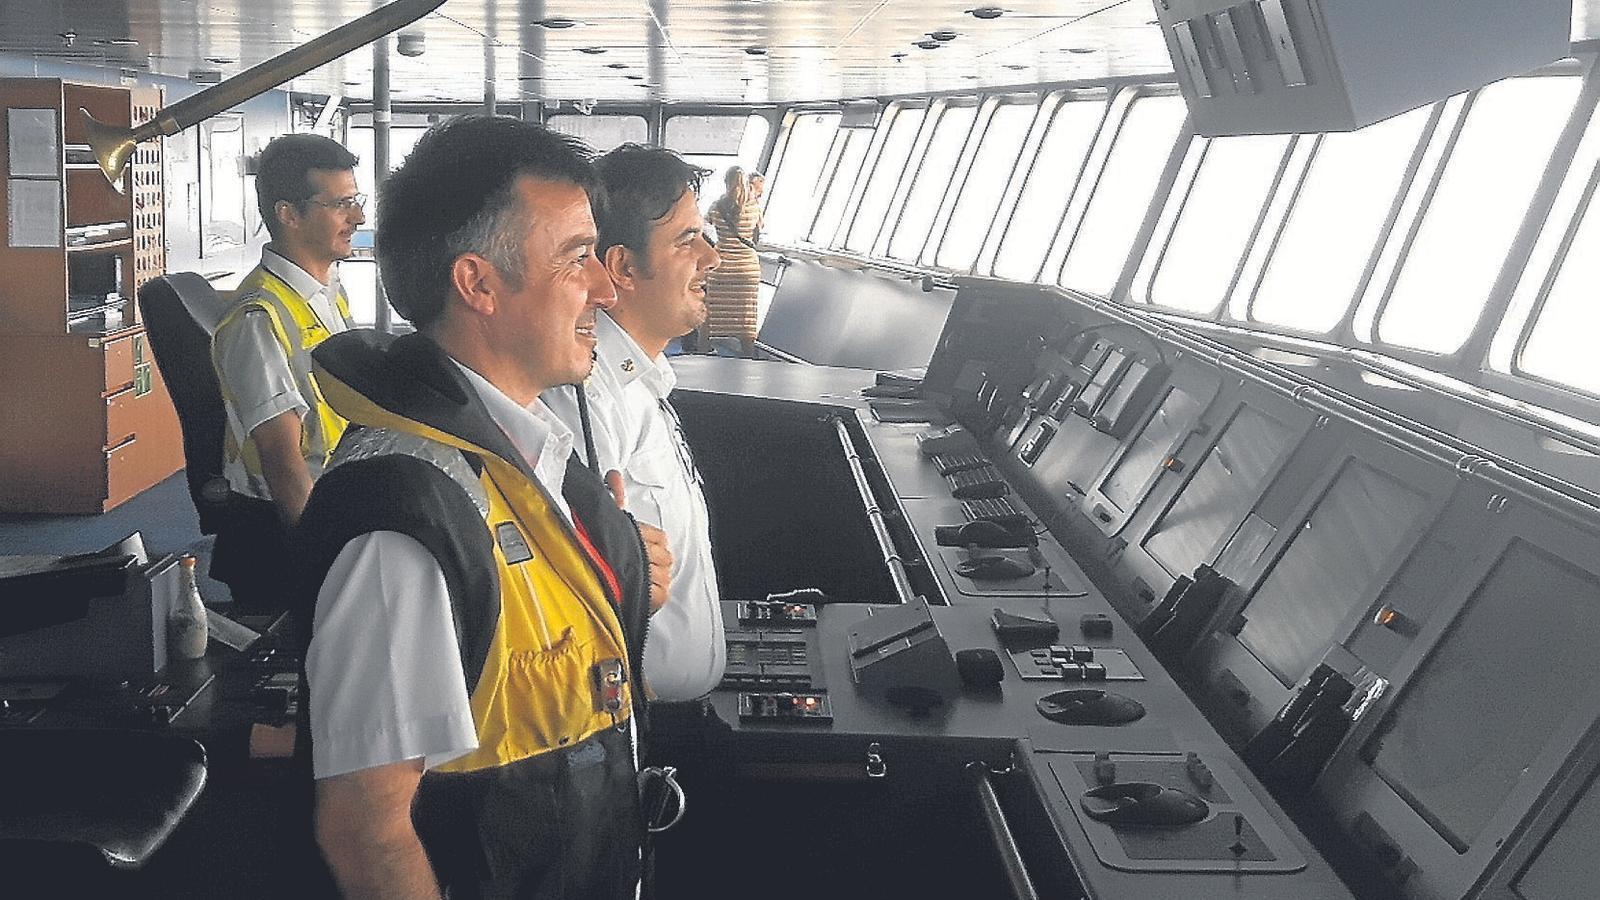 El pràctic, clau perquè els vaixells arribin  a bon port